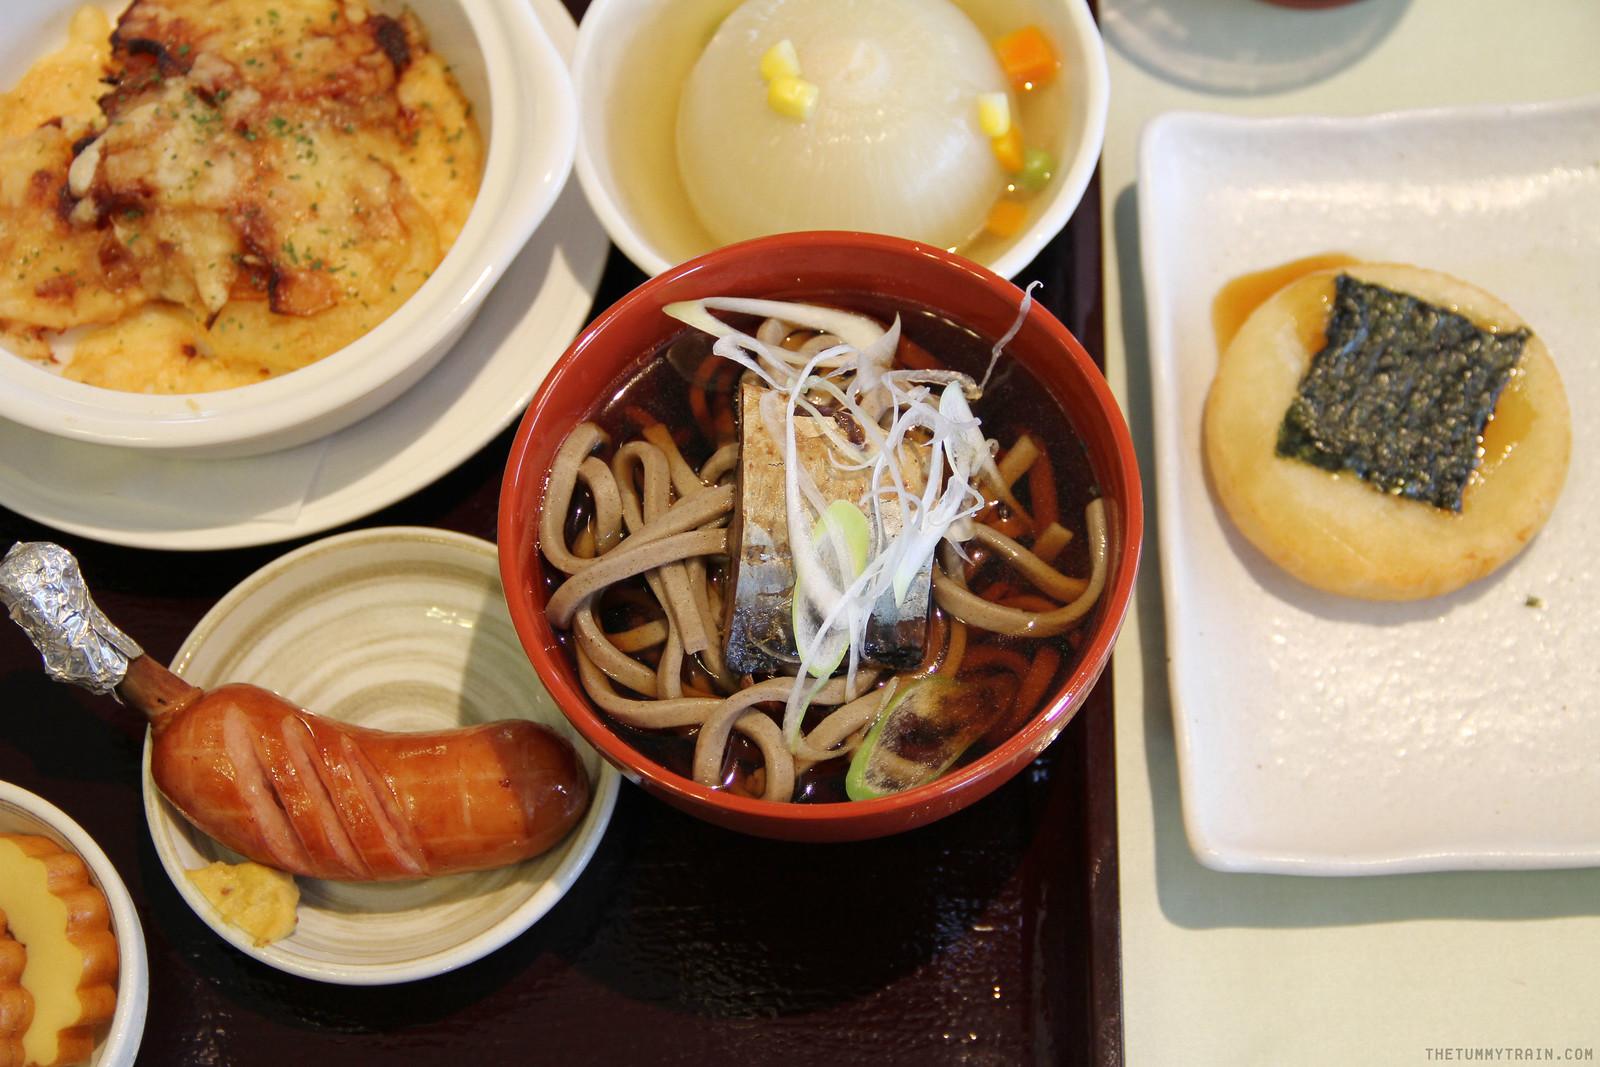 32100624973 2e20f792c7 h - Sapporo Snow And Smile: 8 Unforgettable Winter Experiences in Sapporo City